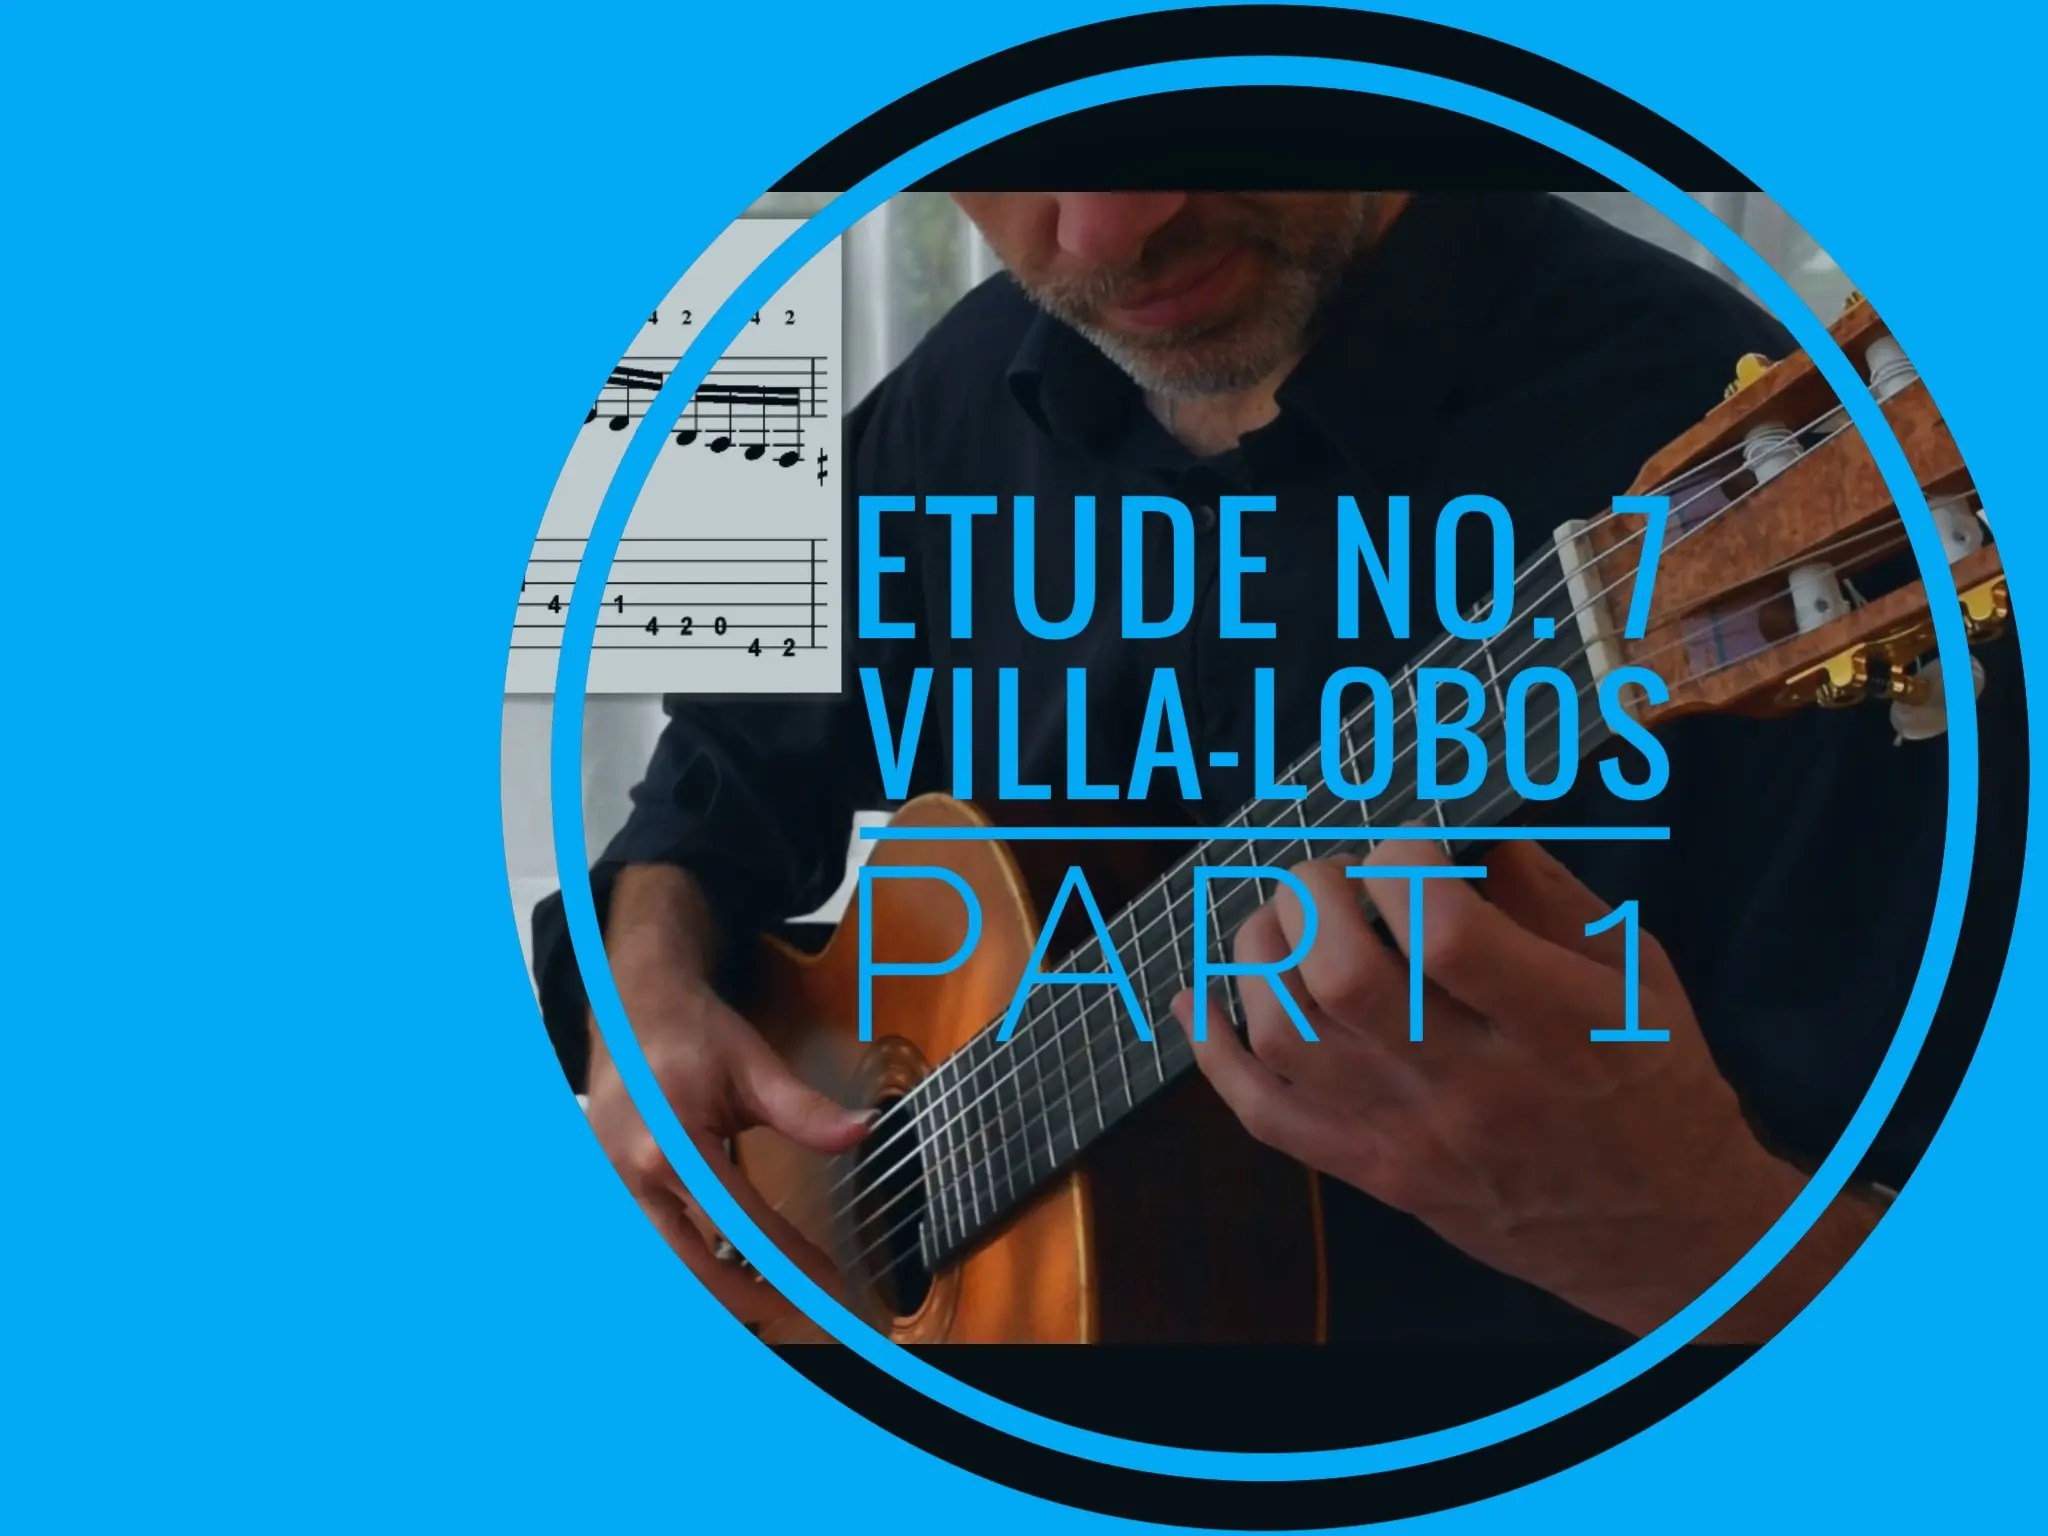 Approaching Etude No. 7 Villa-Lobos